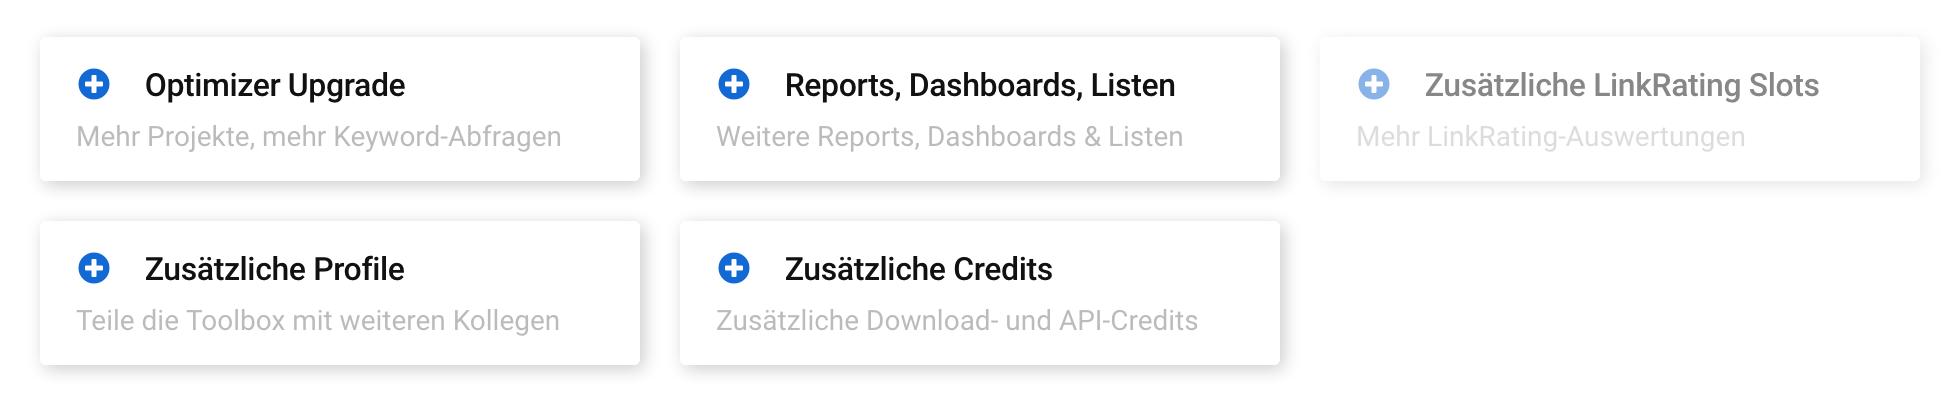 """Upgrade-Möglichkeiten in der Modulauswahl der SISTRIX Toolbox. Es gibt folgende Optionen: """"Optimizer Upgrade"""", """"Reports, Dashboards, Listen"""", """"Zusätzliche LinkRating Slots"""", """"Zusätzliche Profile"""" und """"Zusätzliche Credits""""."""